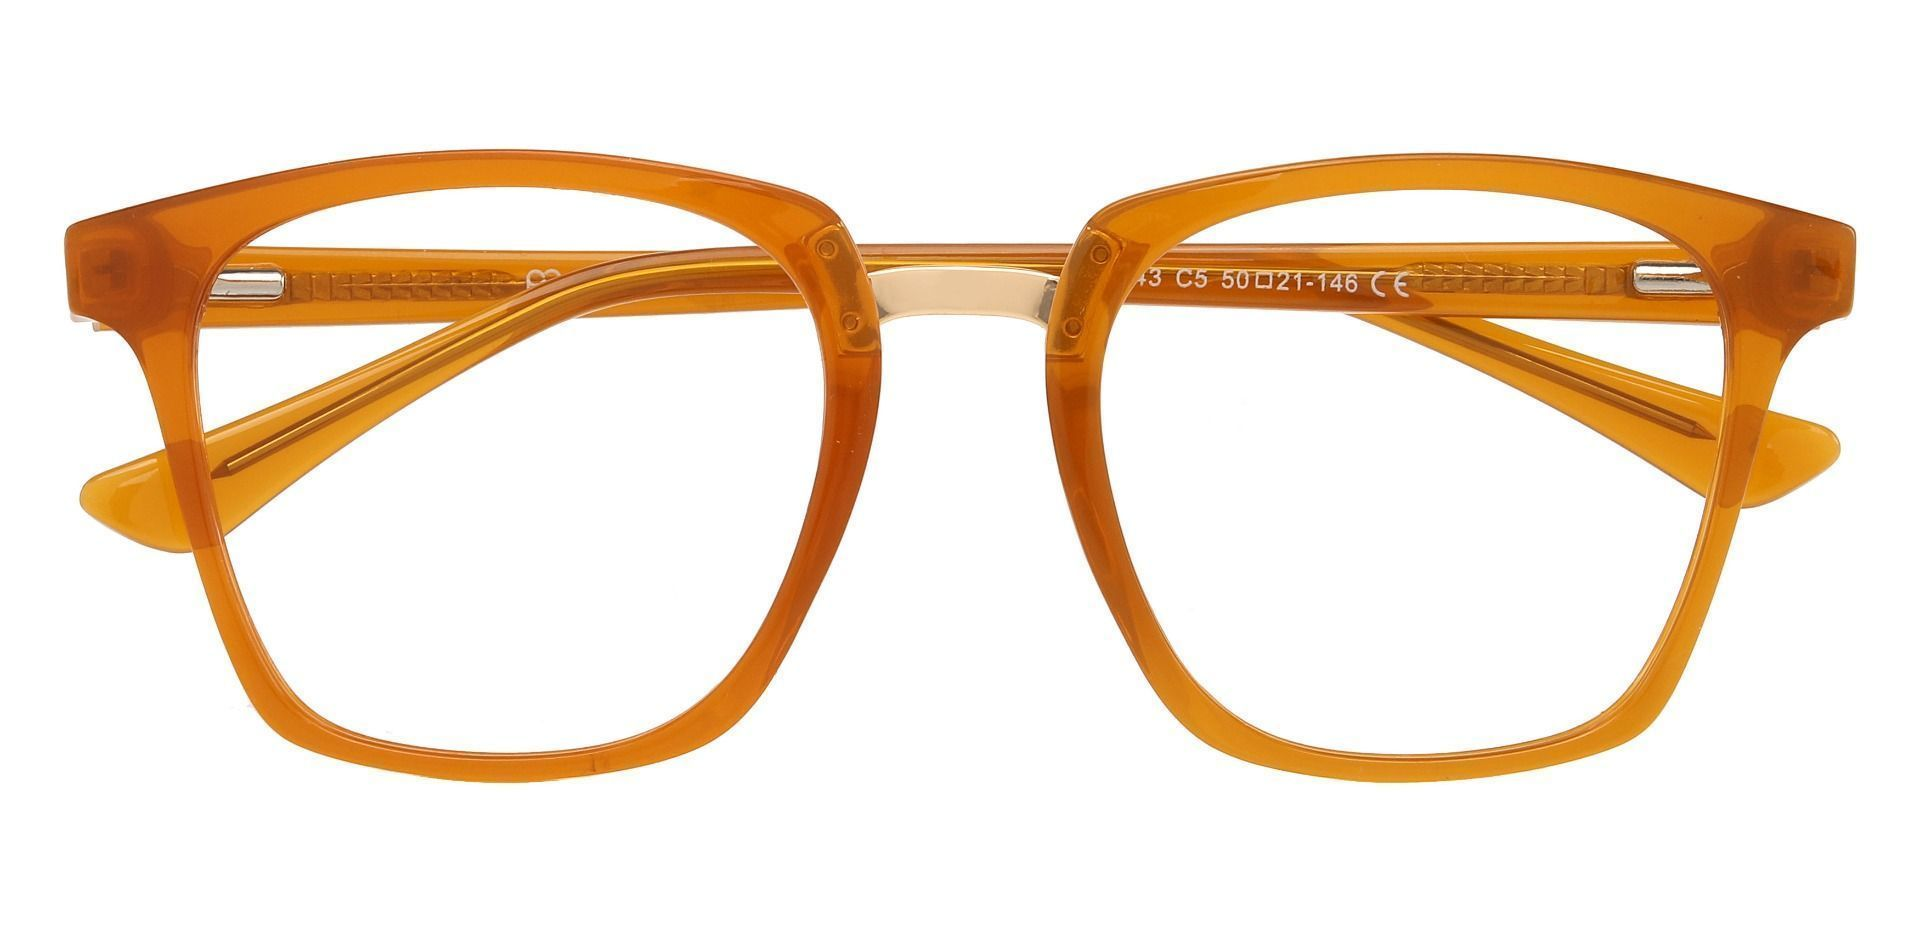 Delta Square Prescription Glasses - Orange